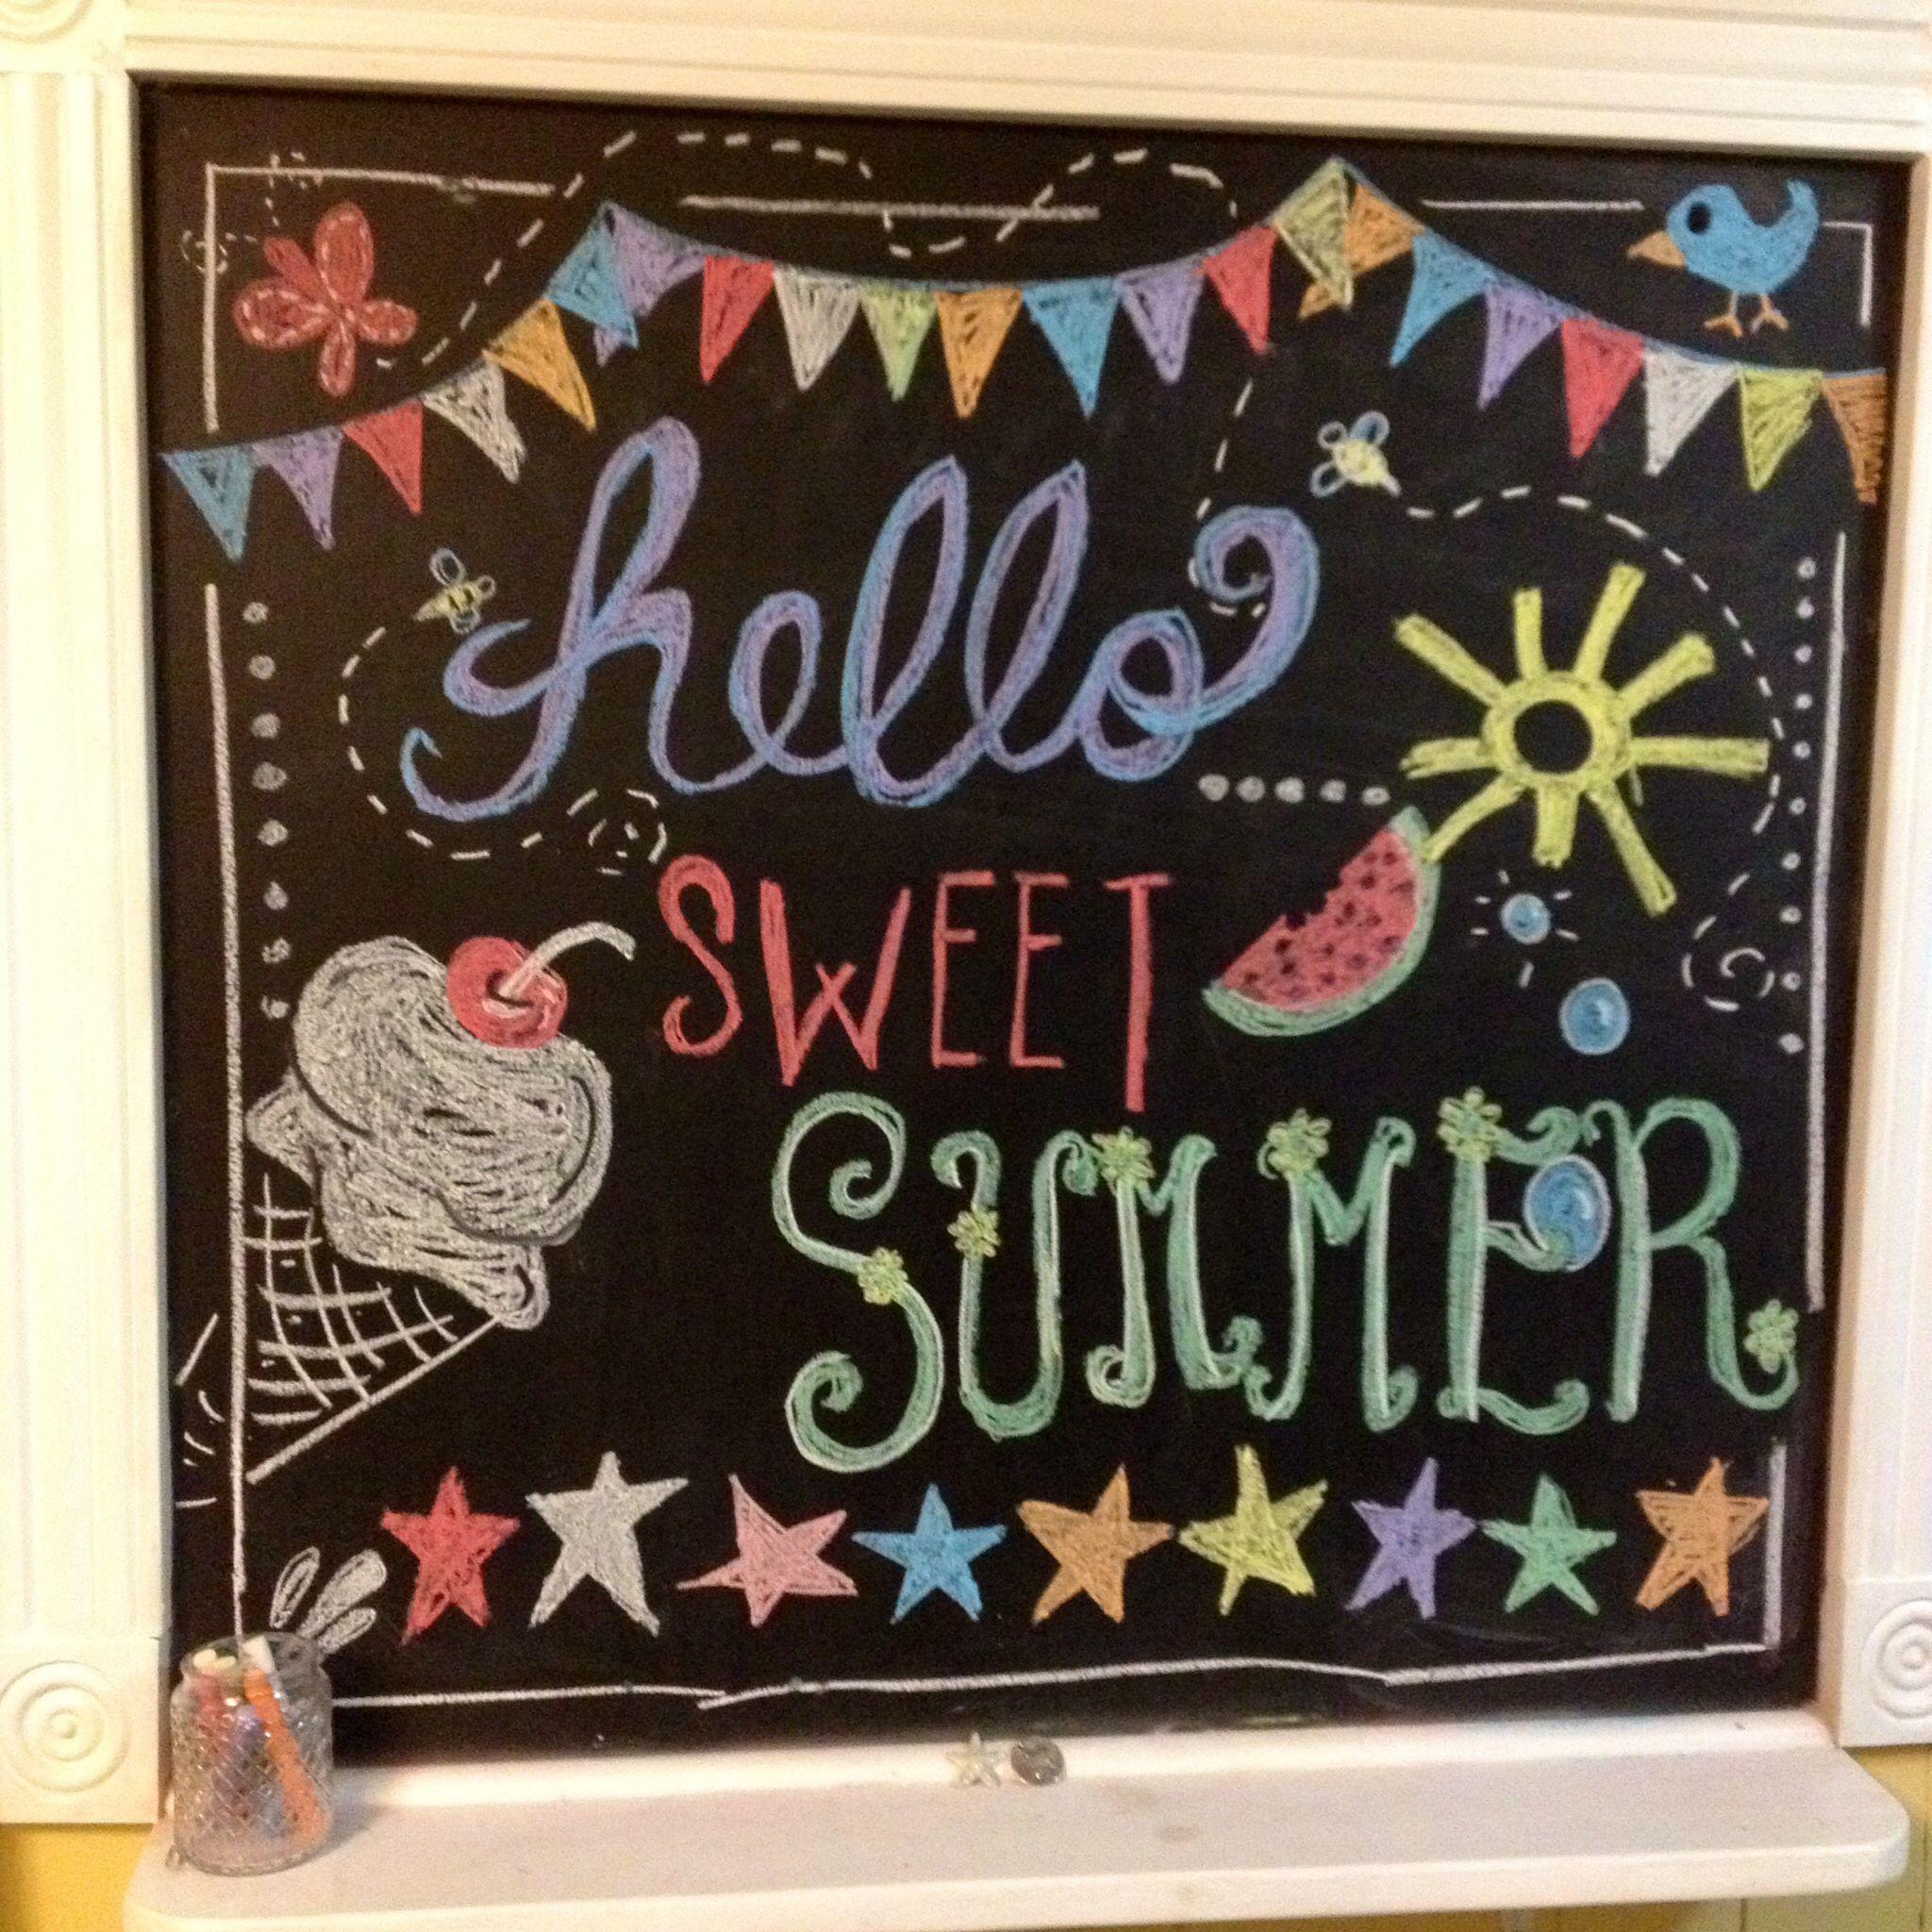 Blackboard Artwork Ideas: Summertime Chalkboard